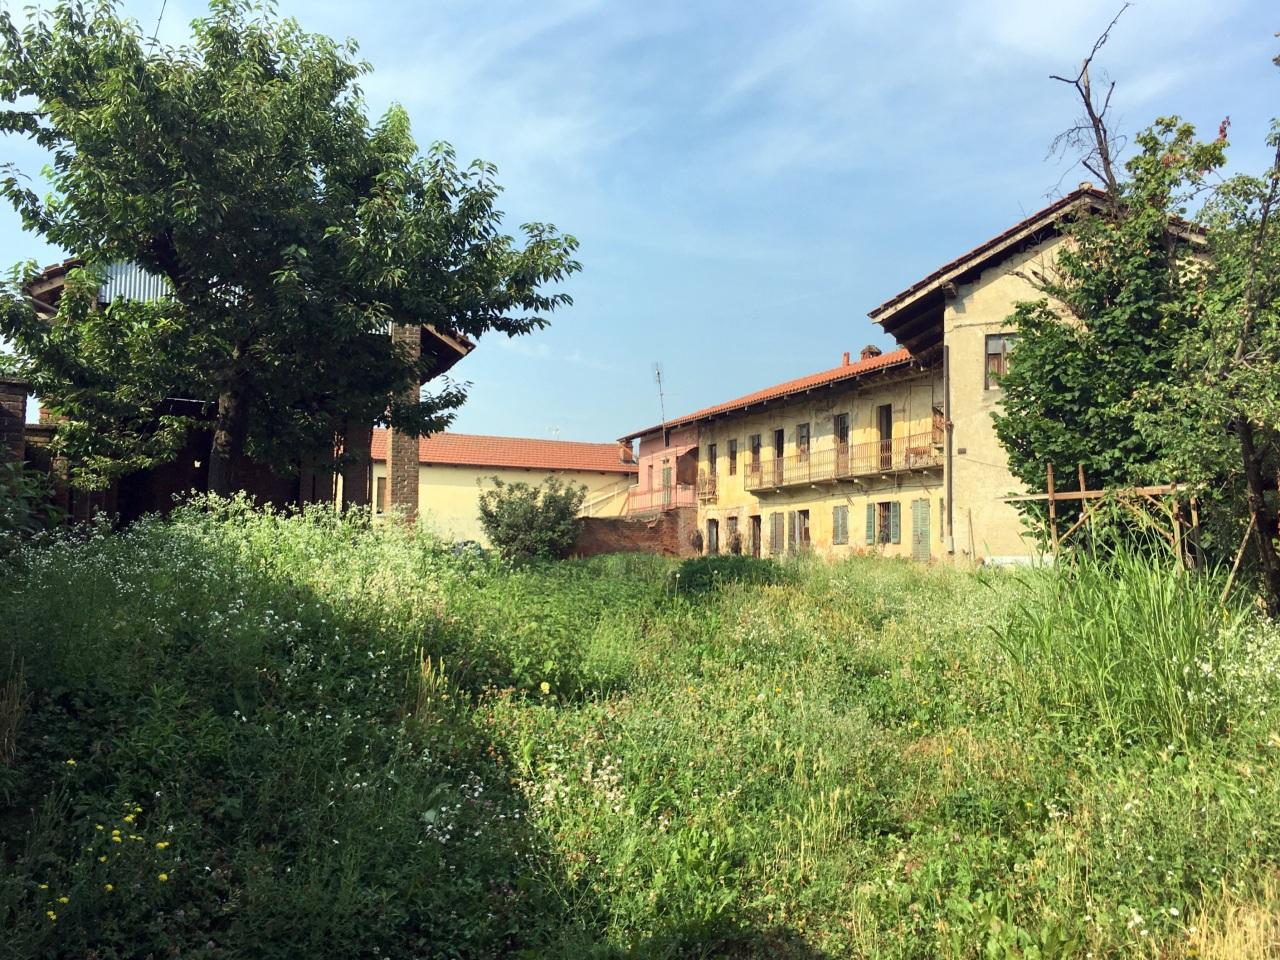 Foto 1 di Rustico / Casale Via G. B. Rossano 26, Rivoli